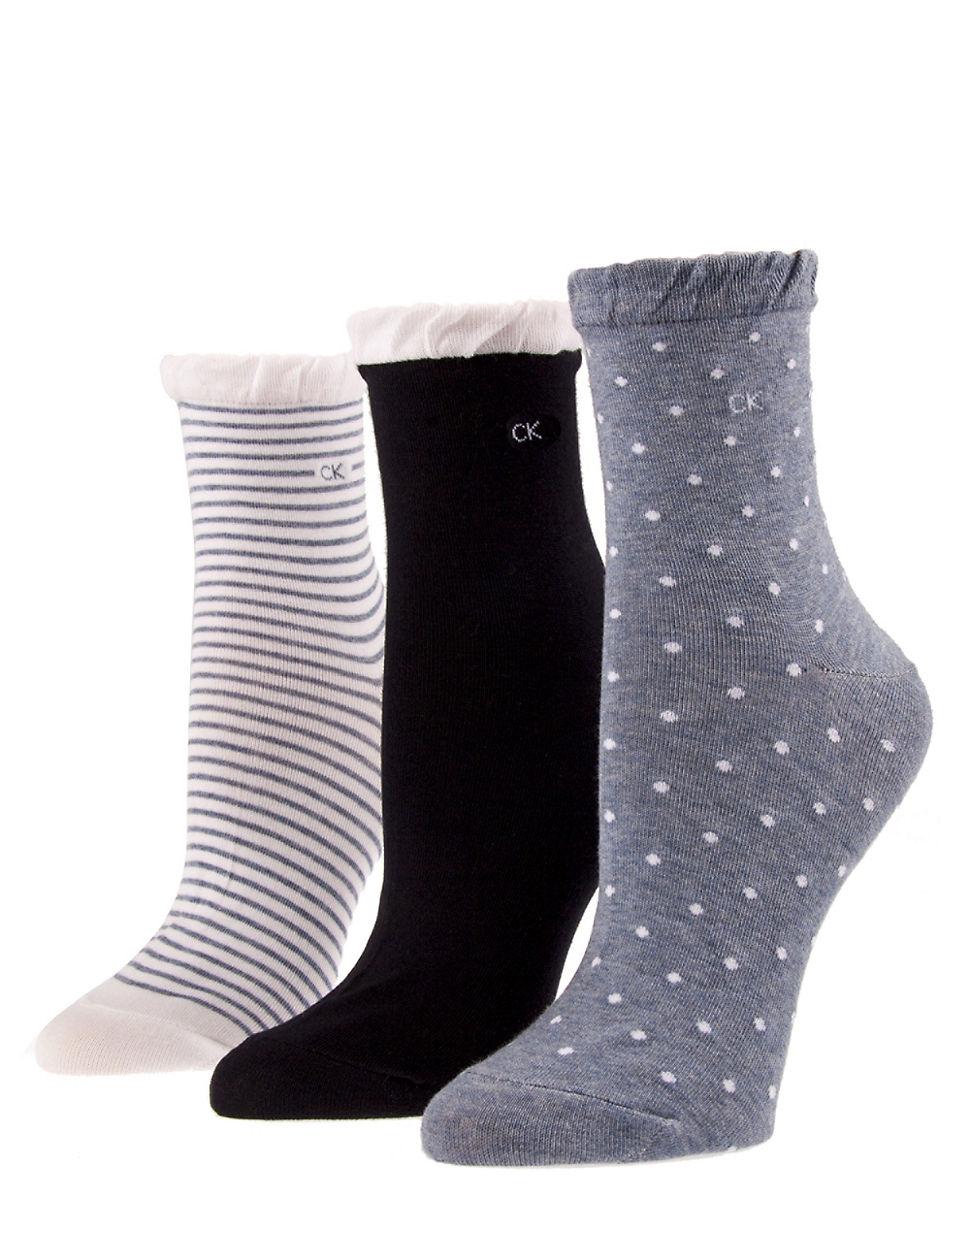 Lyst - Calvin Klein 3-pack Ruffled Socks for Men Ruffled Socks